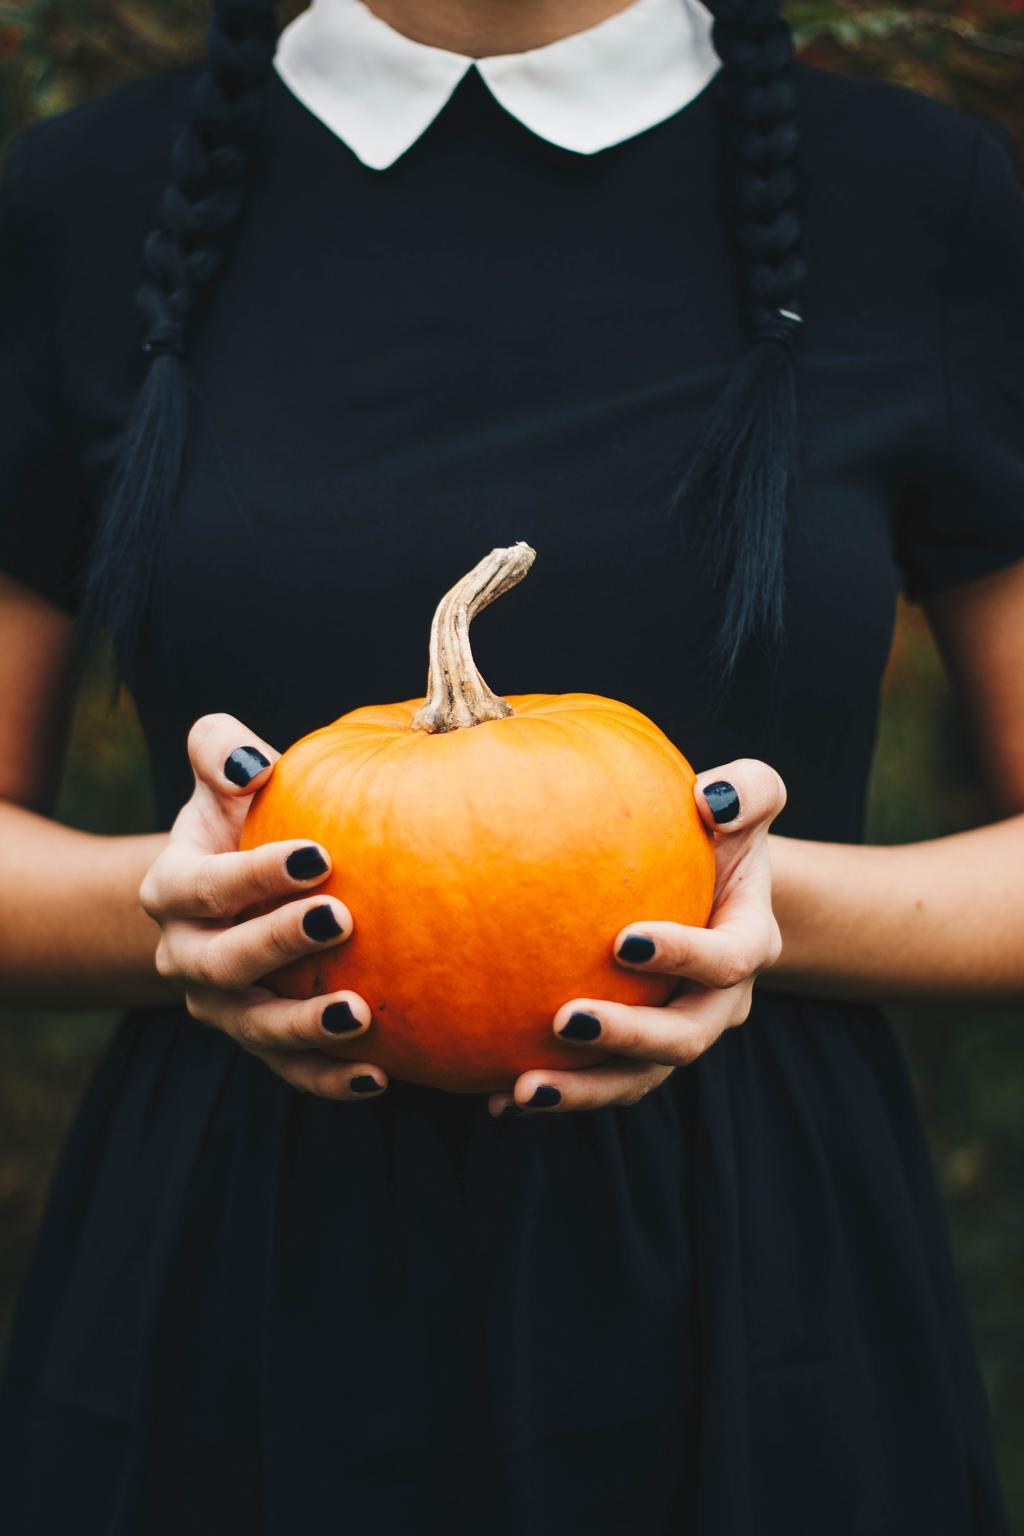 Black dress halloween costume - girl wearing a black dress holding a pumpkin